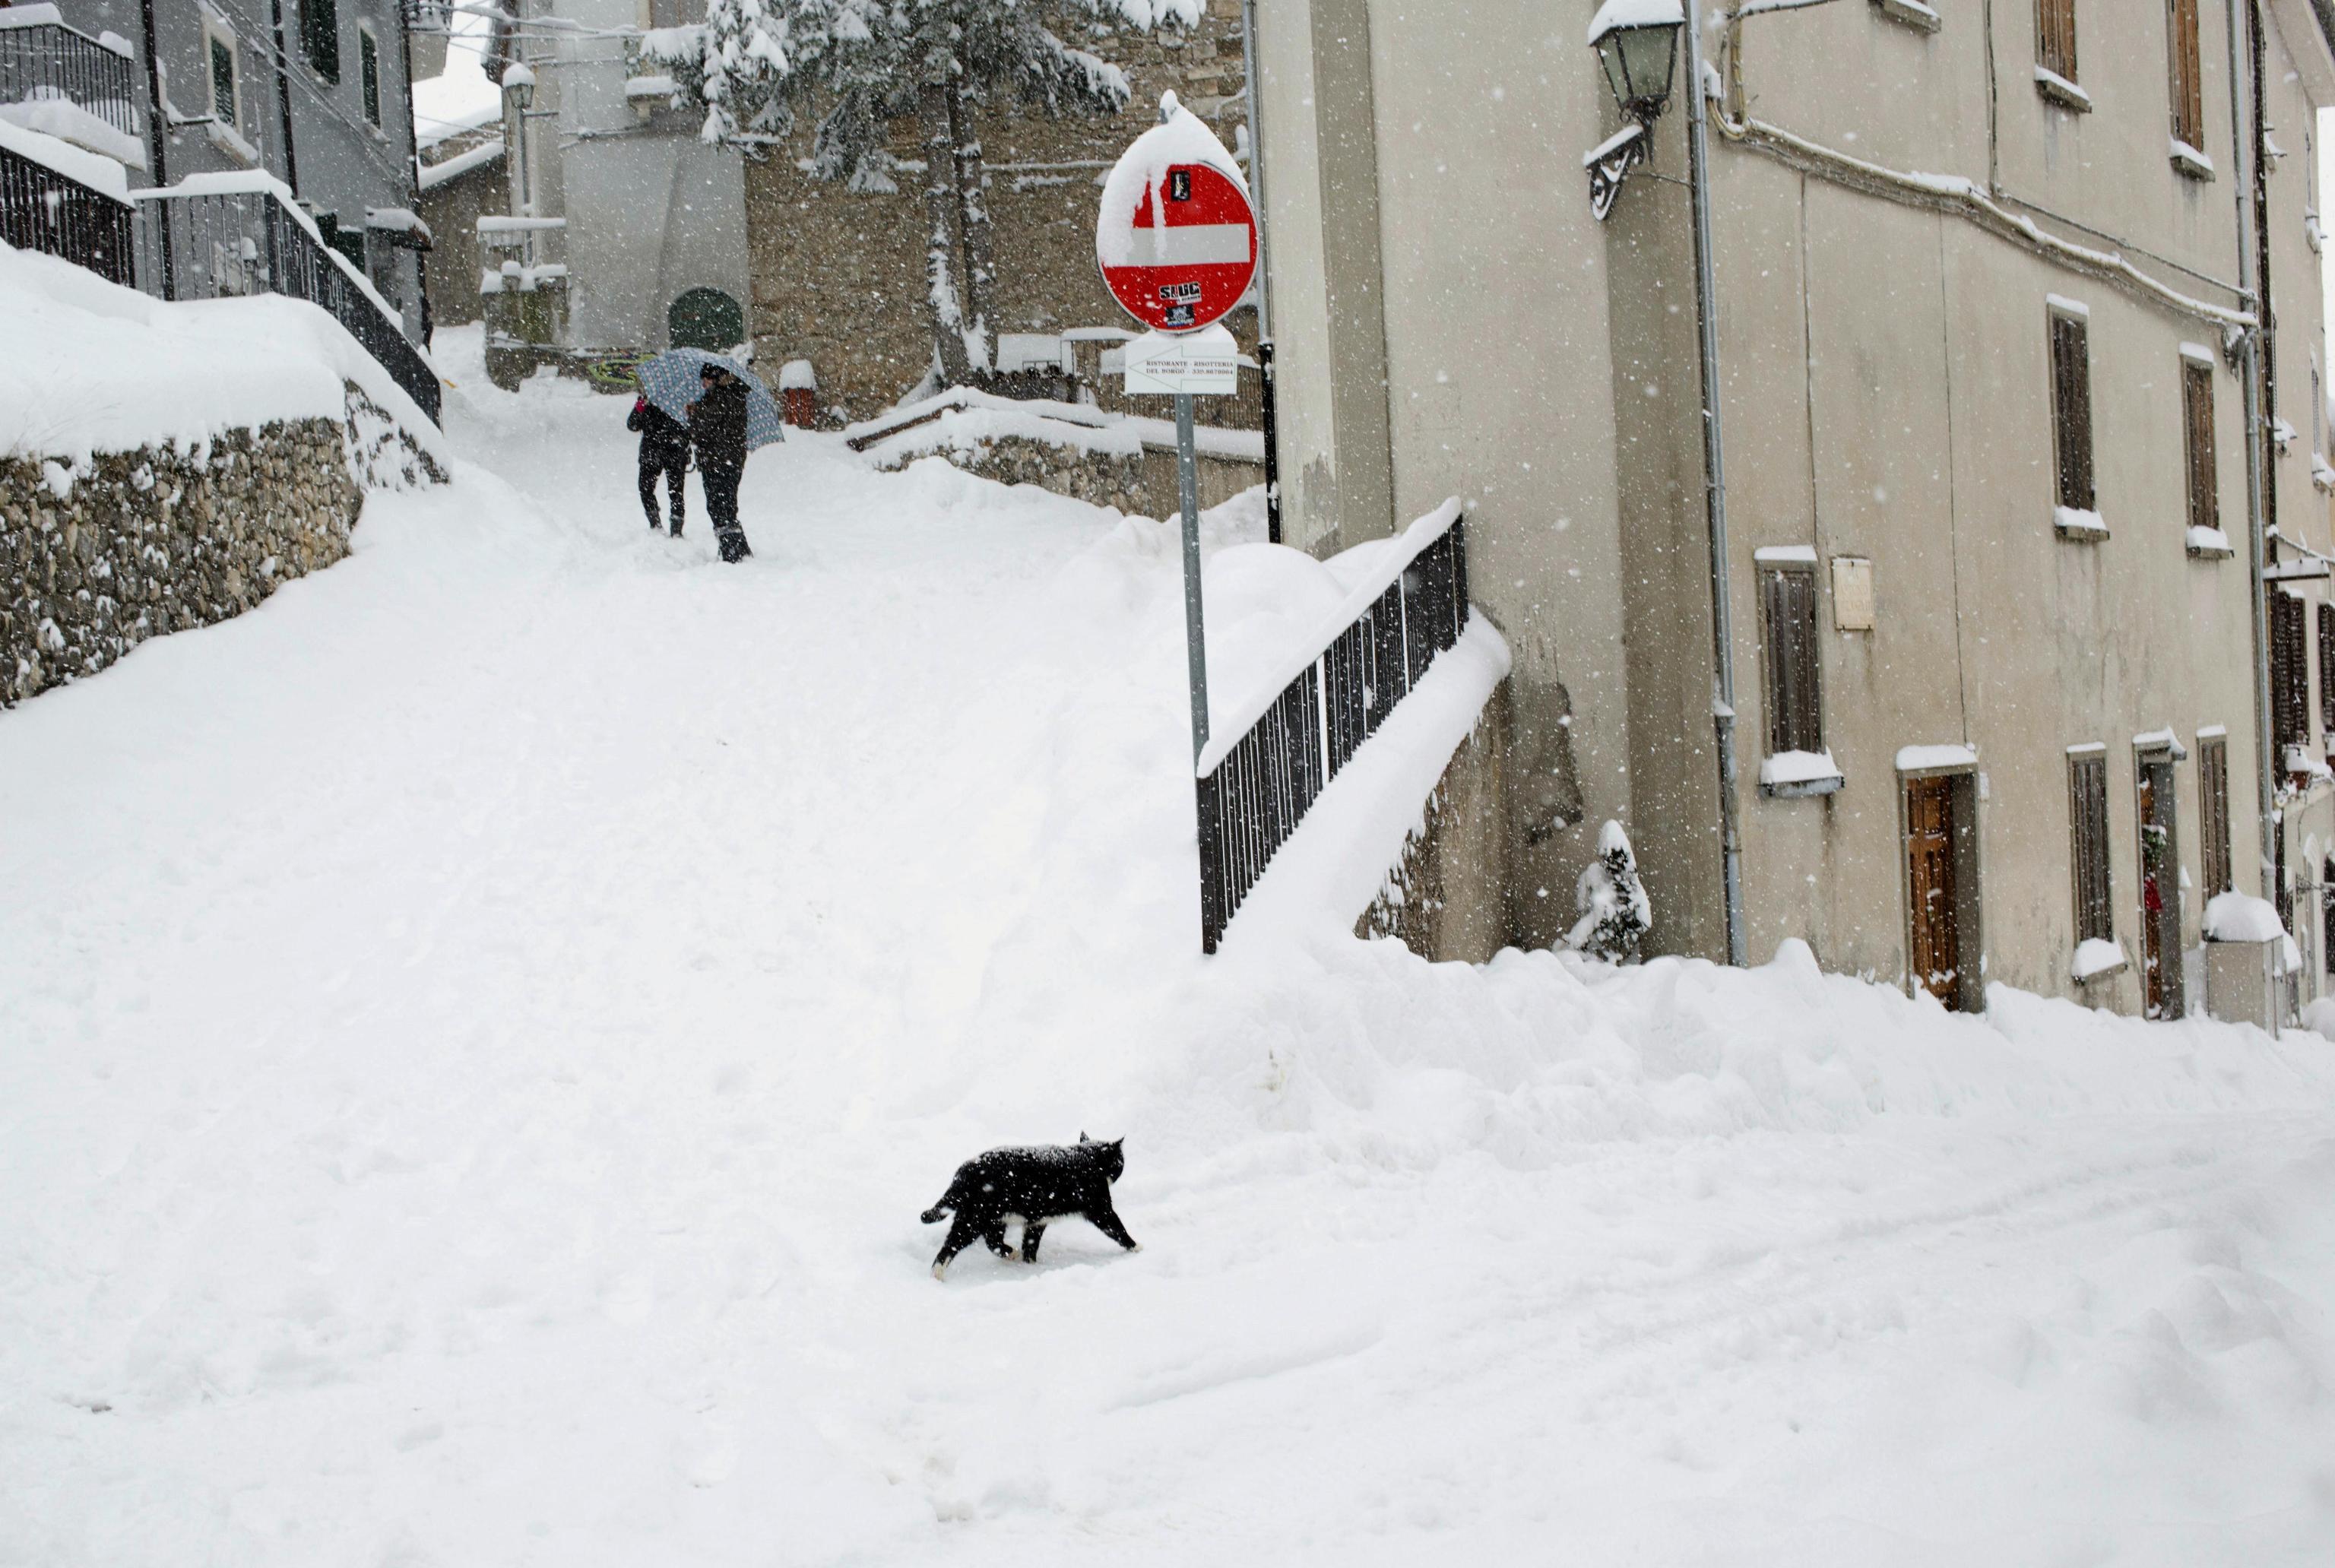 Un gatto attraversa la strada innevata a Rovere, in Abruzzo